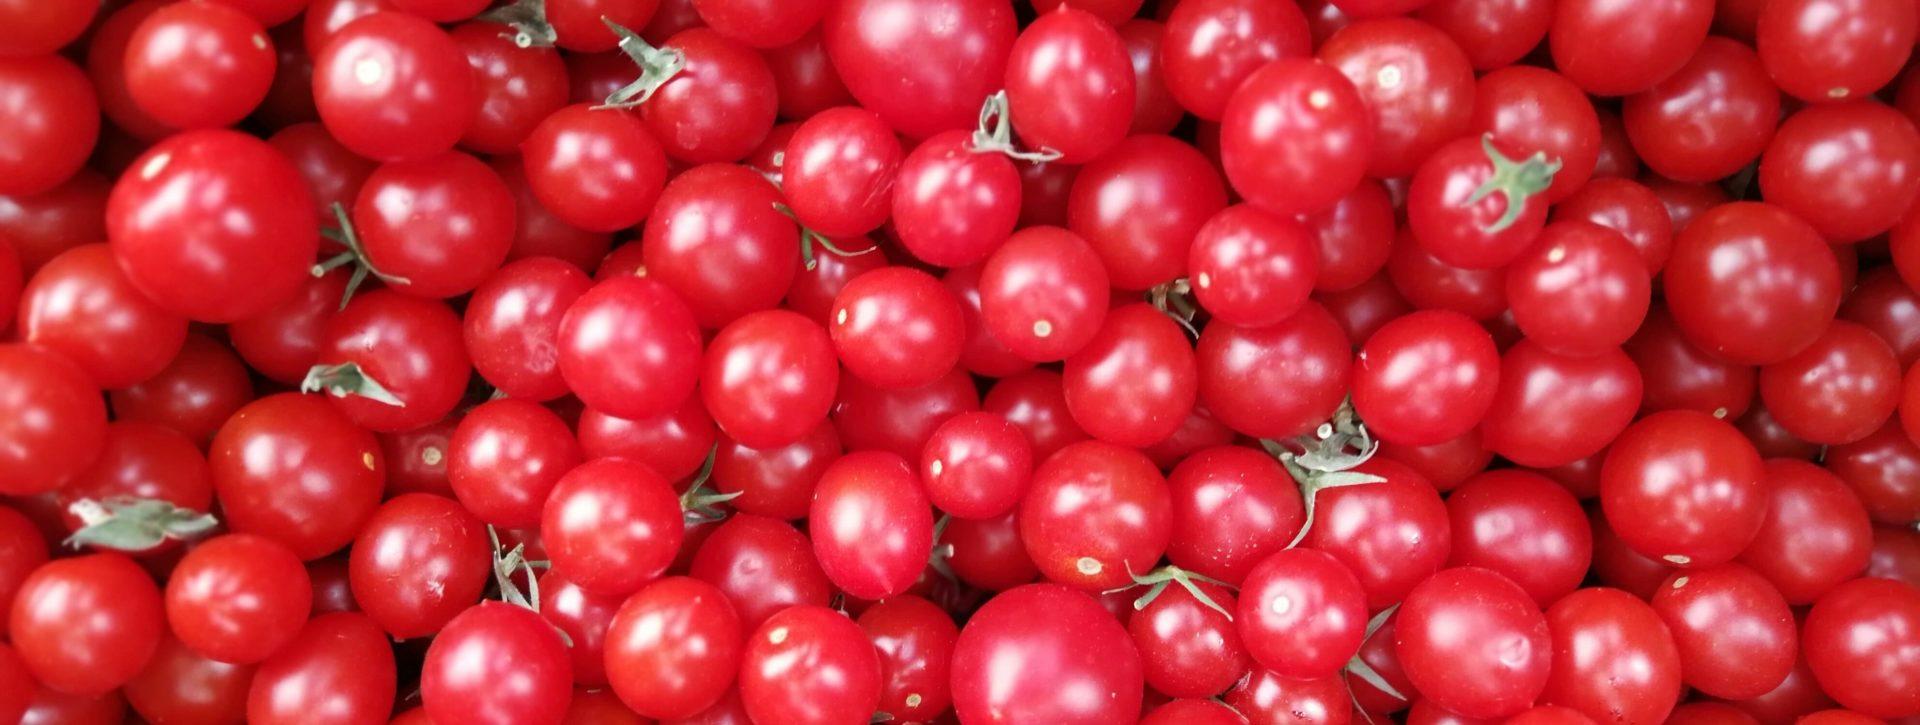 Berühmt Fünf Fakten über Tomaten @SY_94